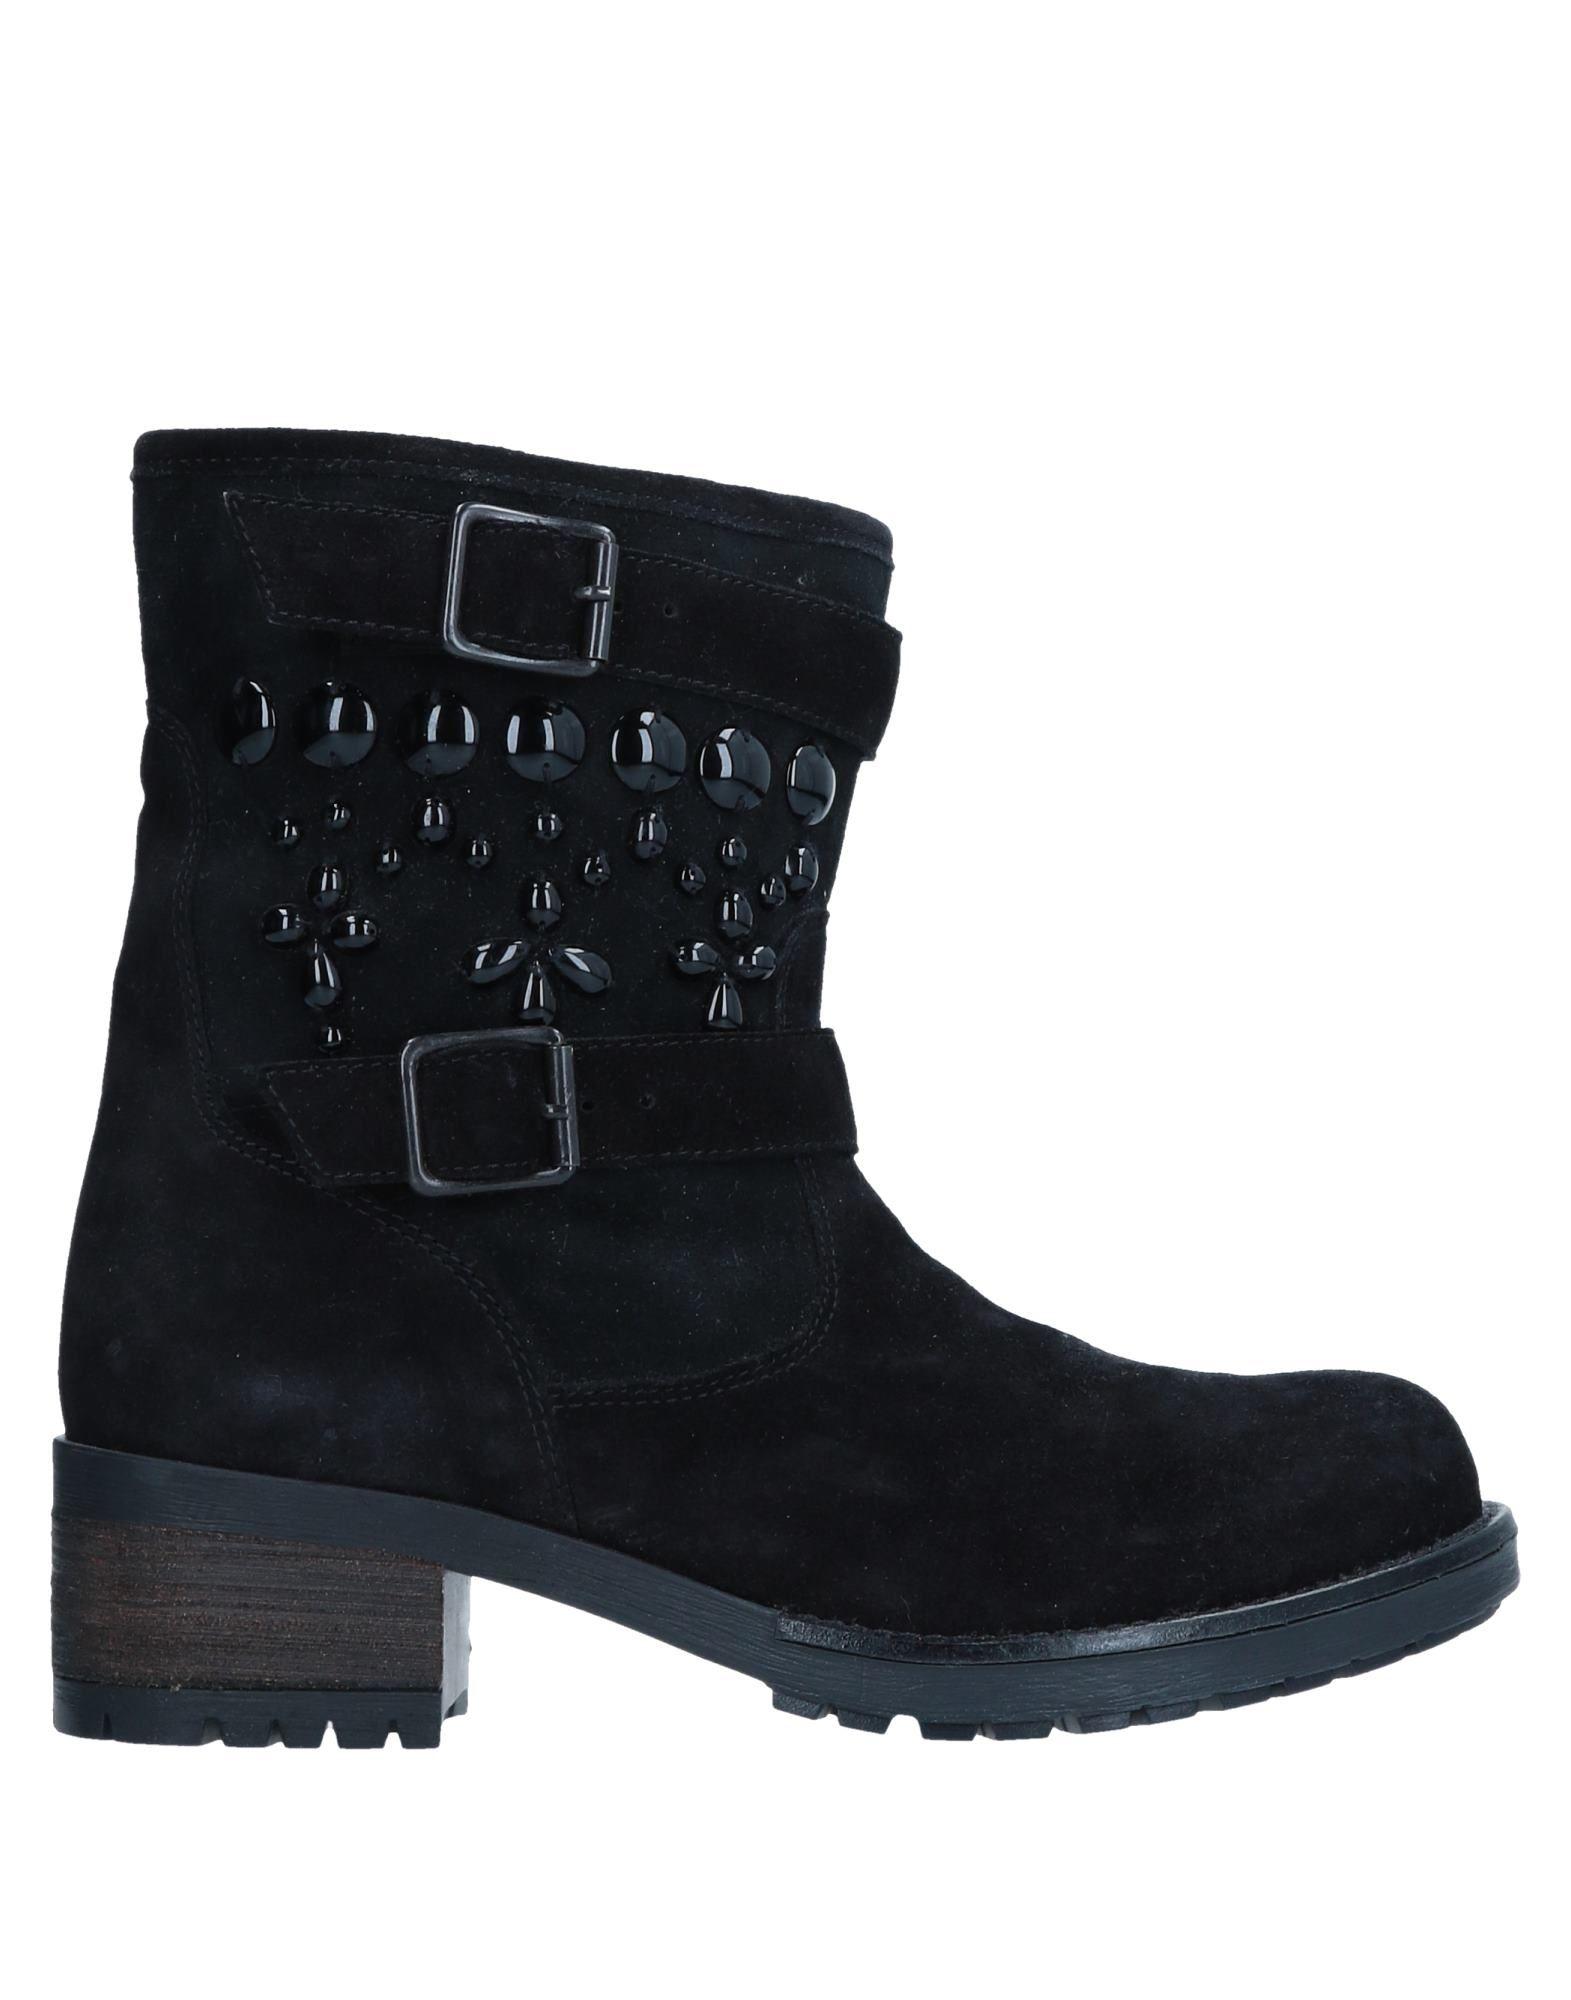 Malìparmi Stiefelette Damen  11552643IOGut aussehende strapazierfähige Schuhe